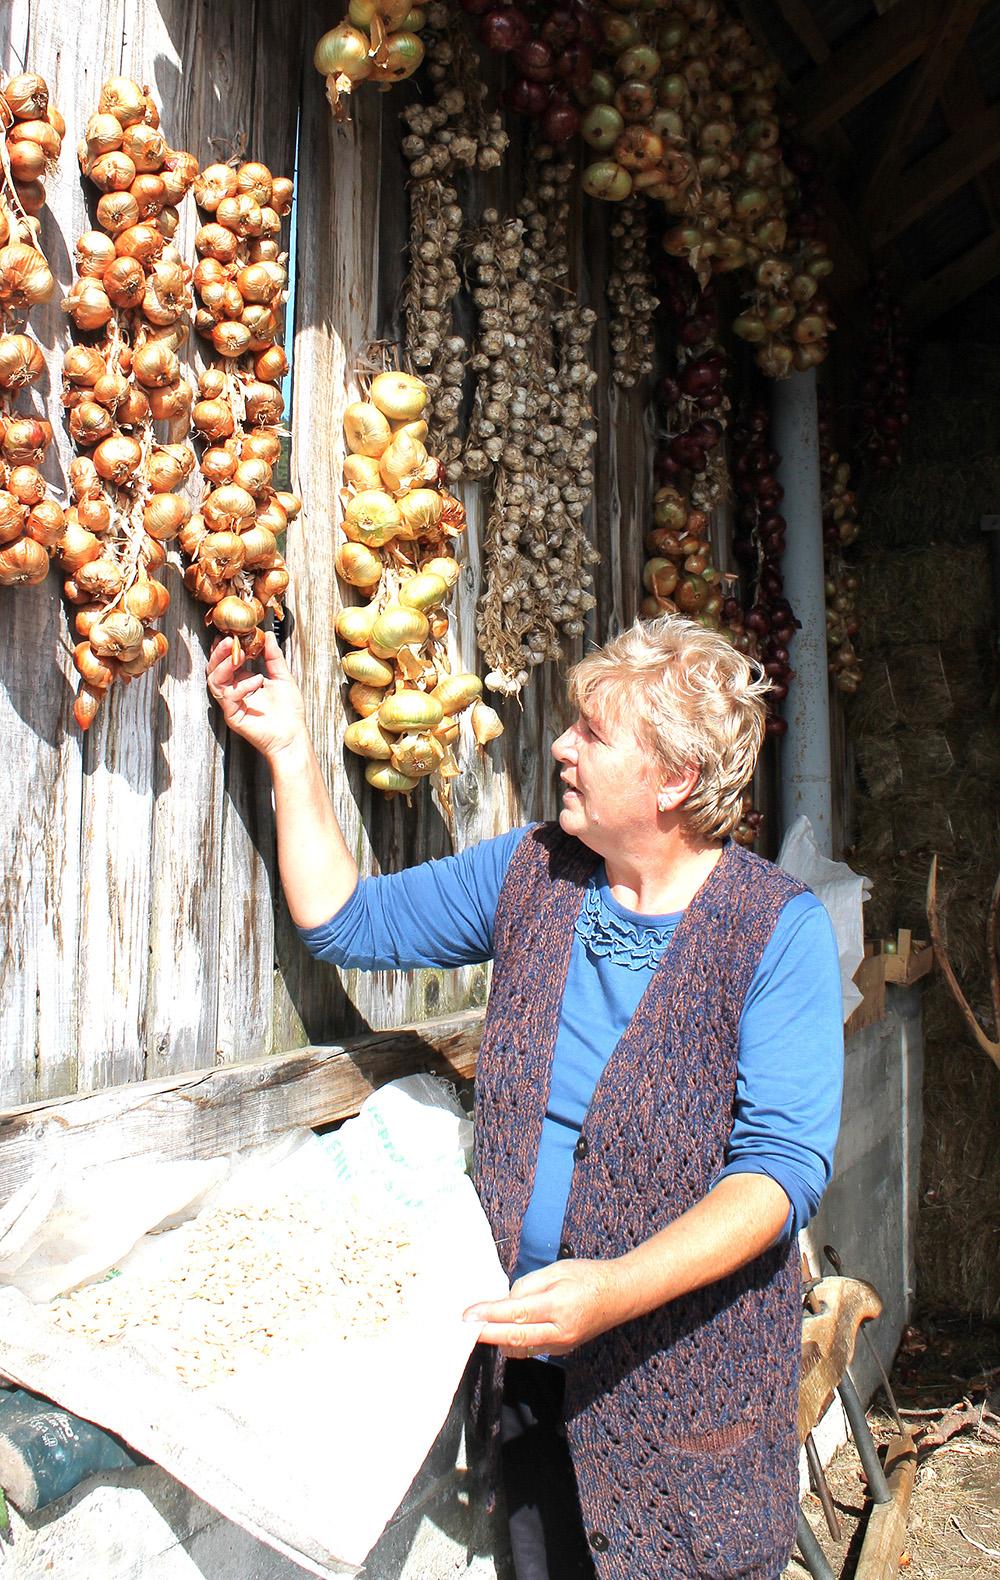 Семенке тикви и венце лука домаћица Славица суши испод настрешнице сеника